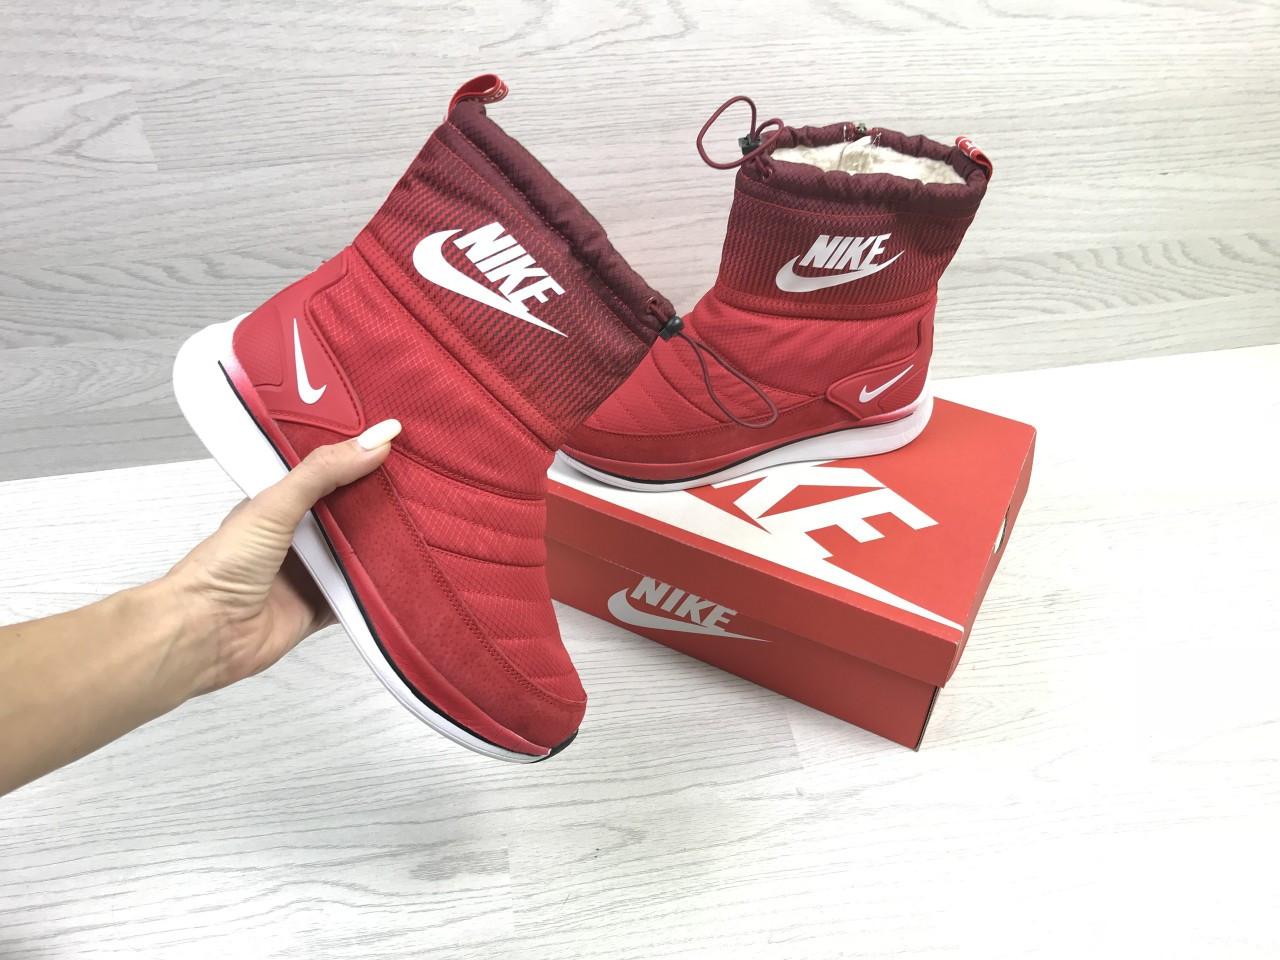 d4c60305 Женские зимние ботинки Nike 6919 красные - Интернет-магазин